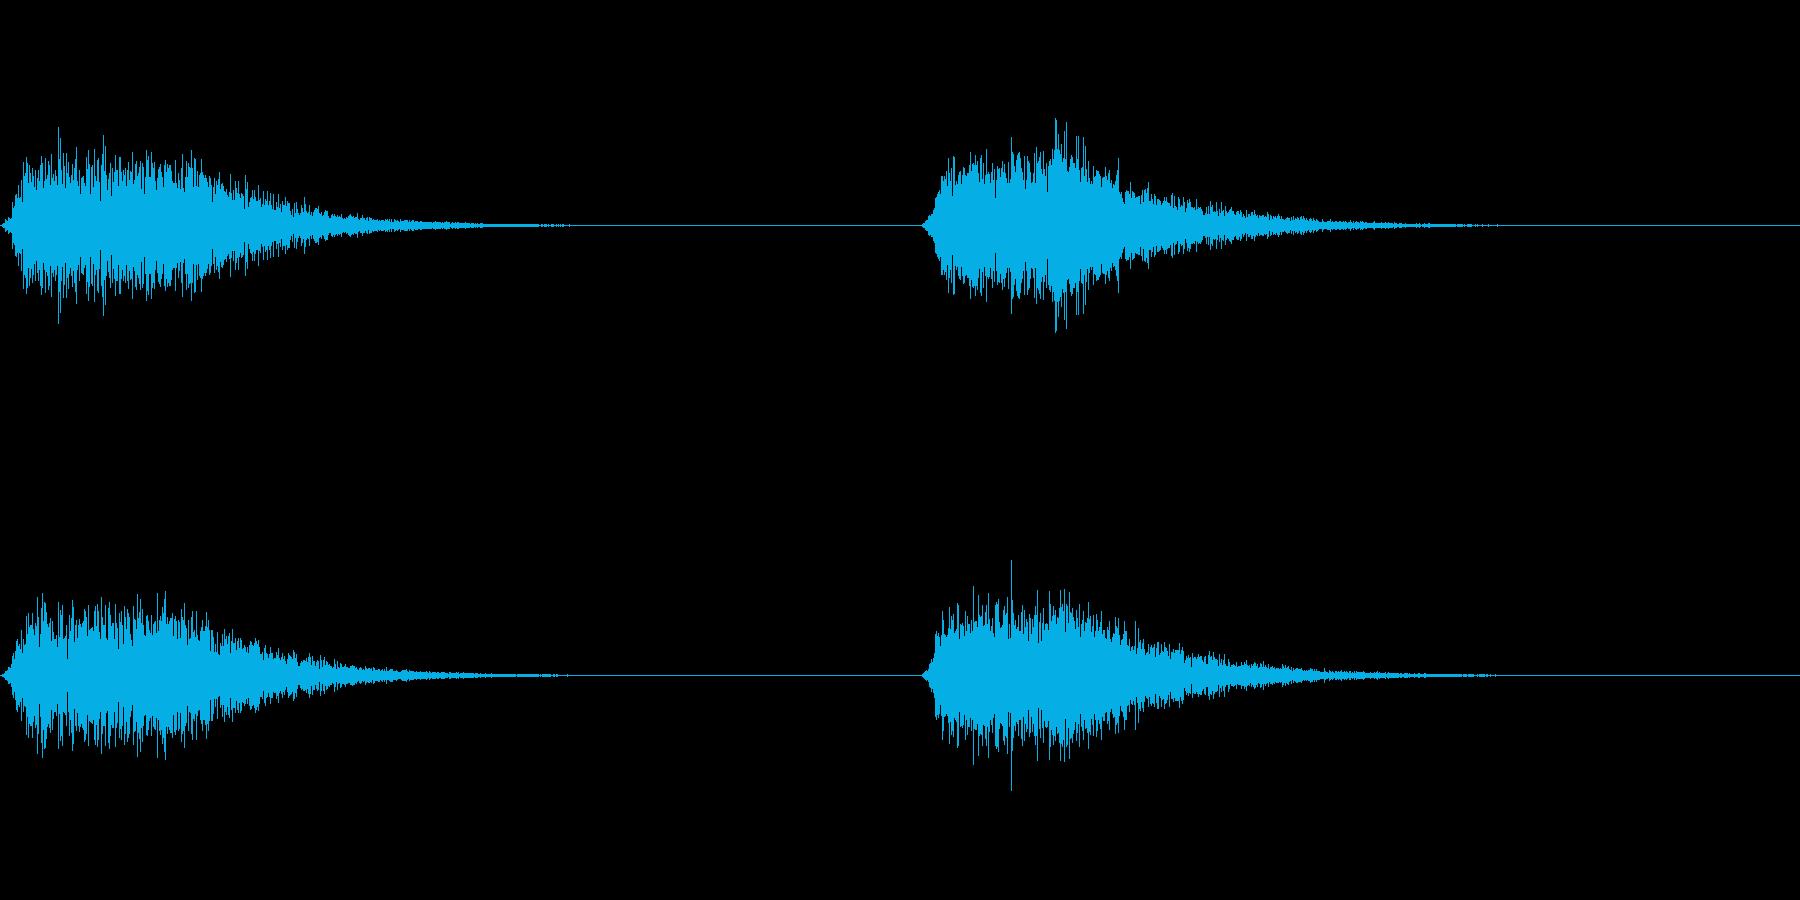 シュイーン:コックピットのドアの開閉音の再生済みの波形